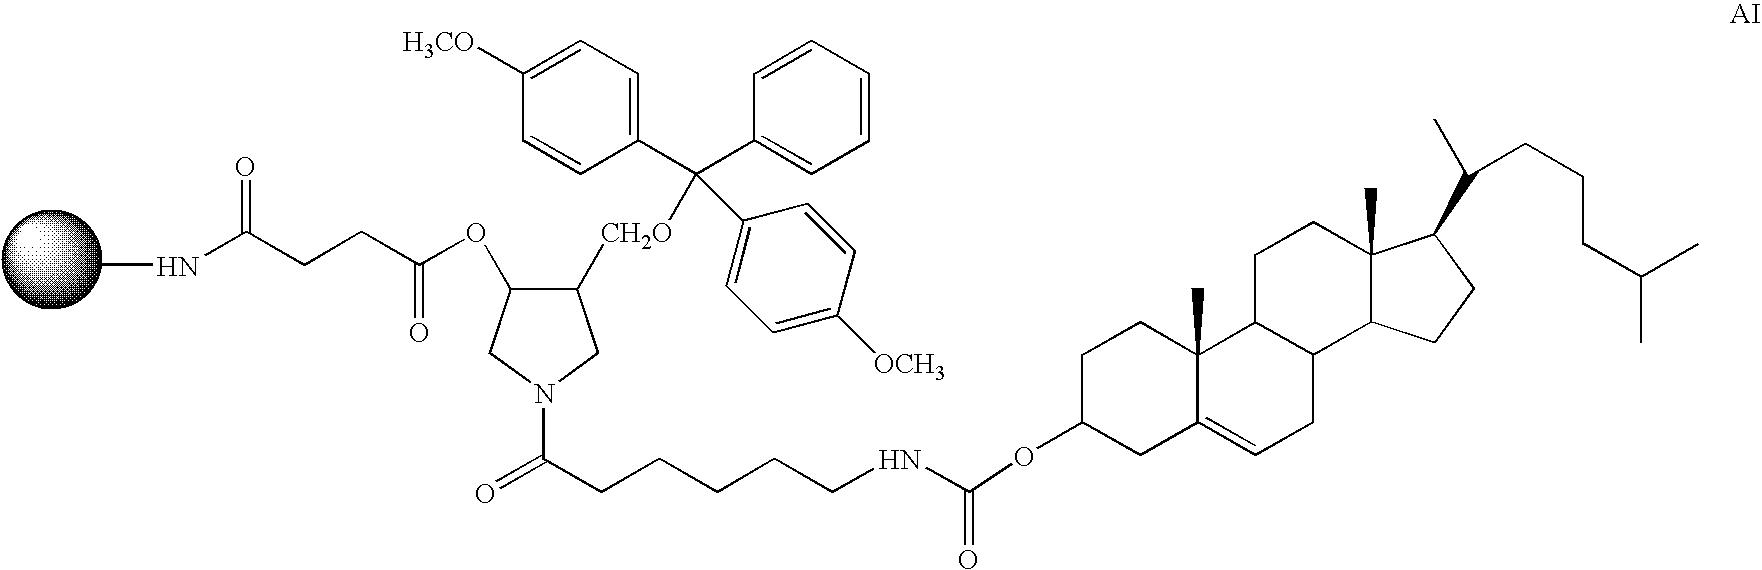 Figure US07875711-20110125-C00010